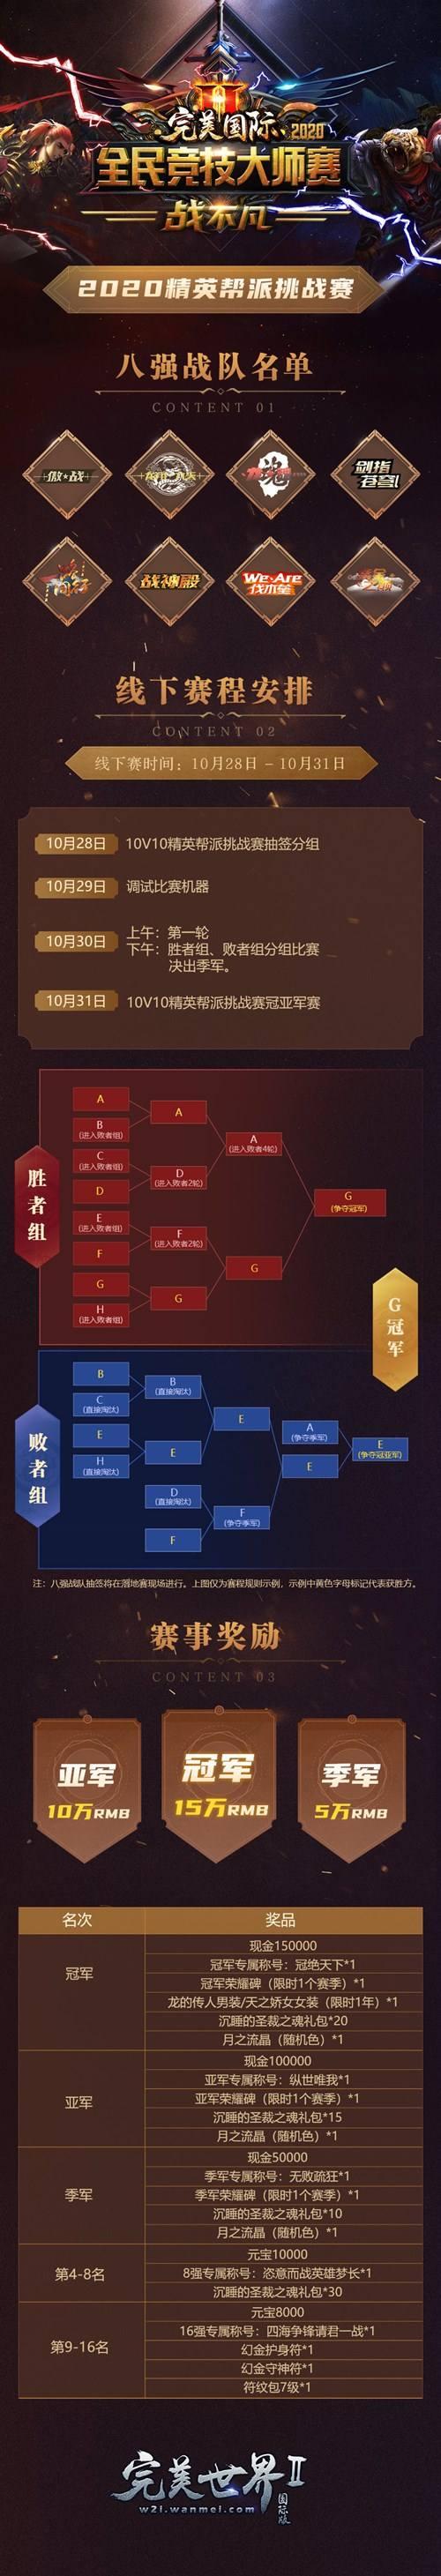 决战倒计时《完美国际2》全民竞技大师赛八强集结!